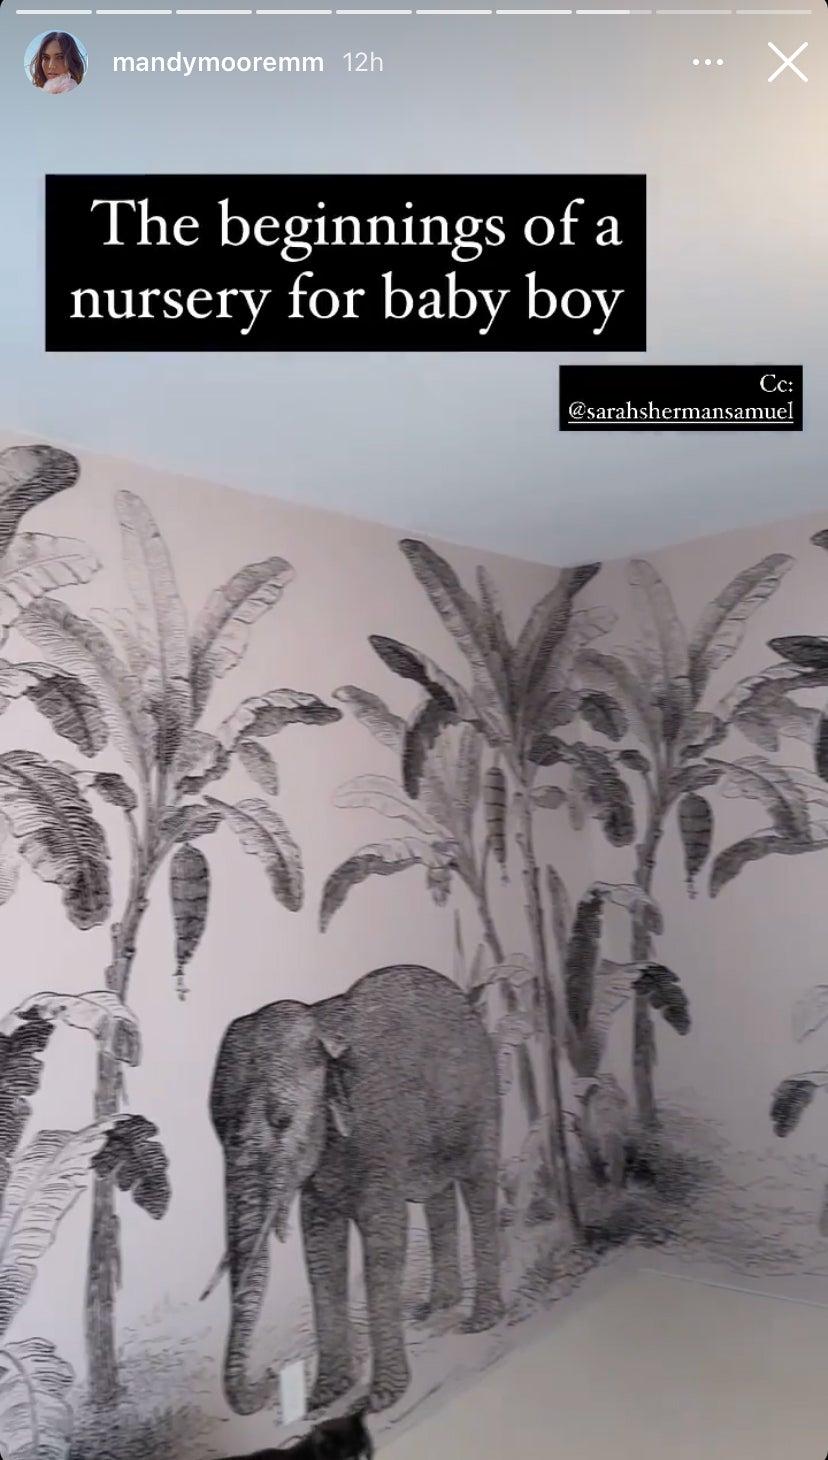 Screen shot of elephant wallpaper in nursery